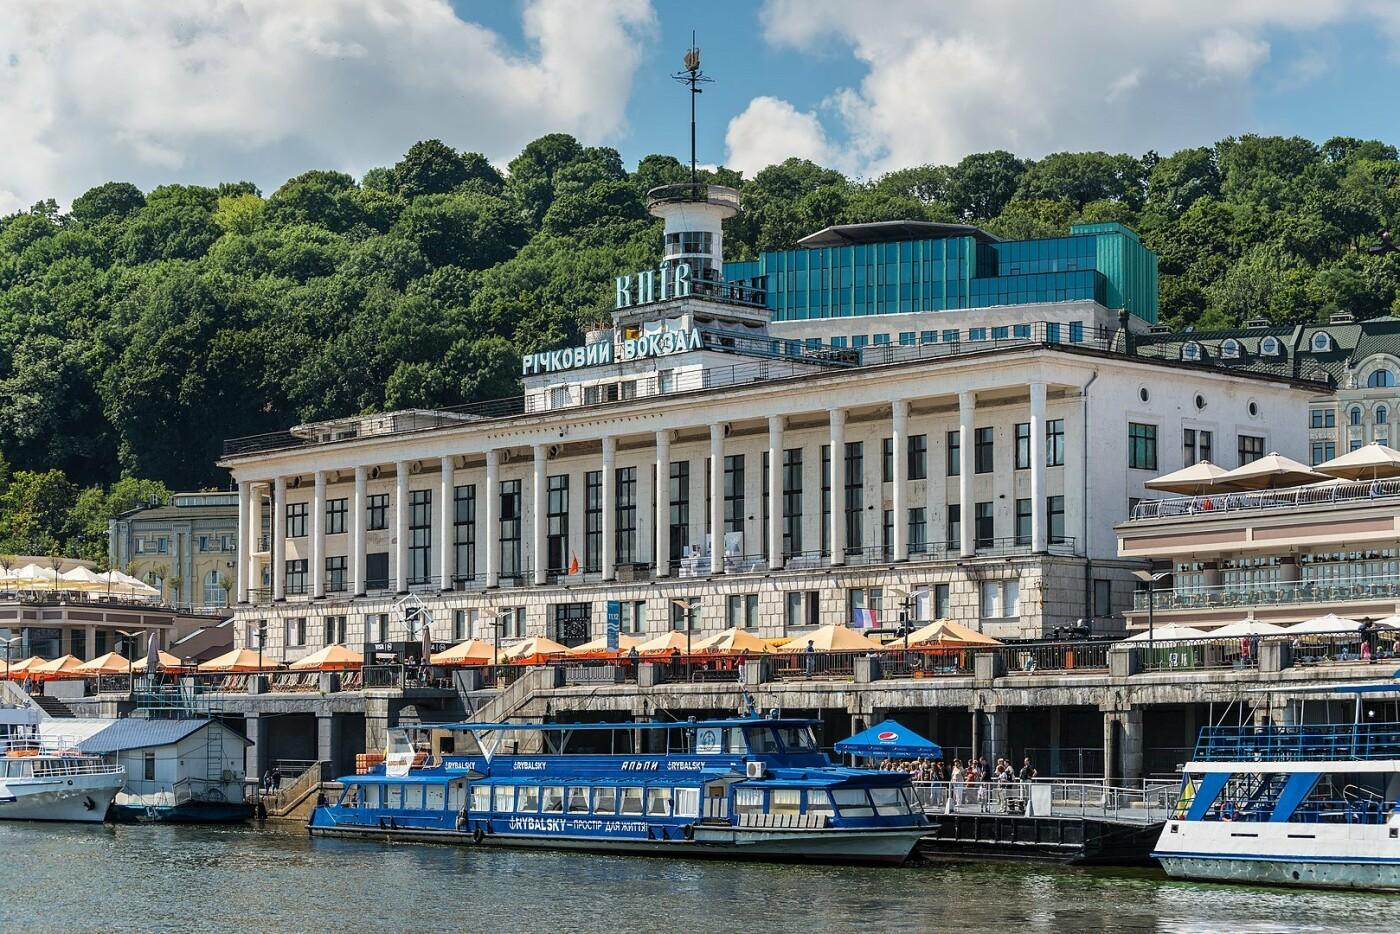 Киевский речной вокзал, фото: Википедия